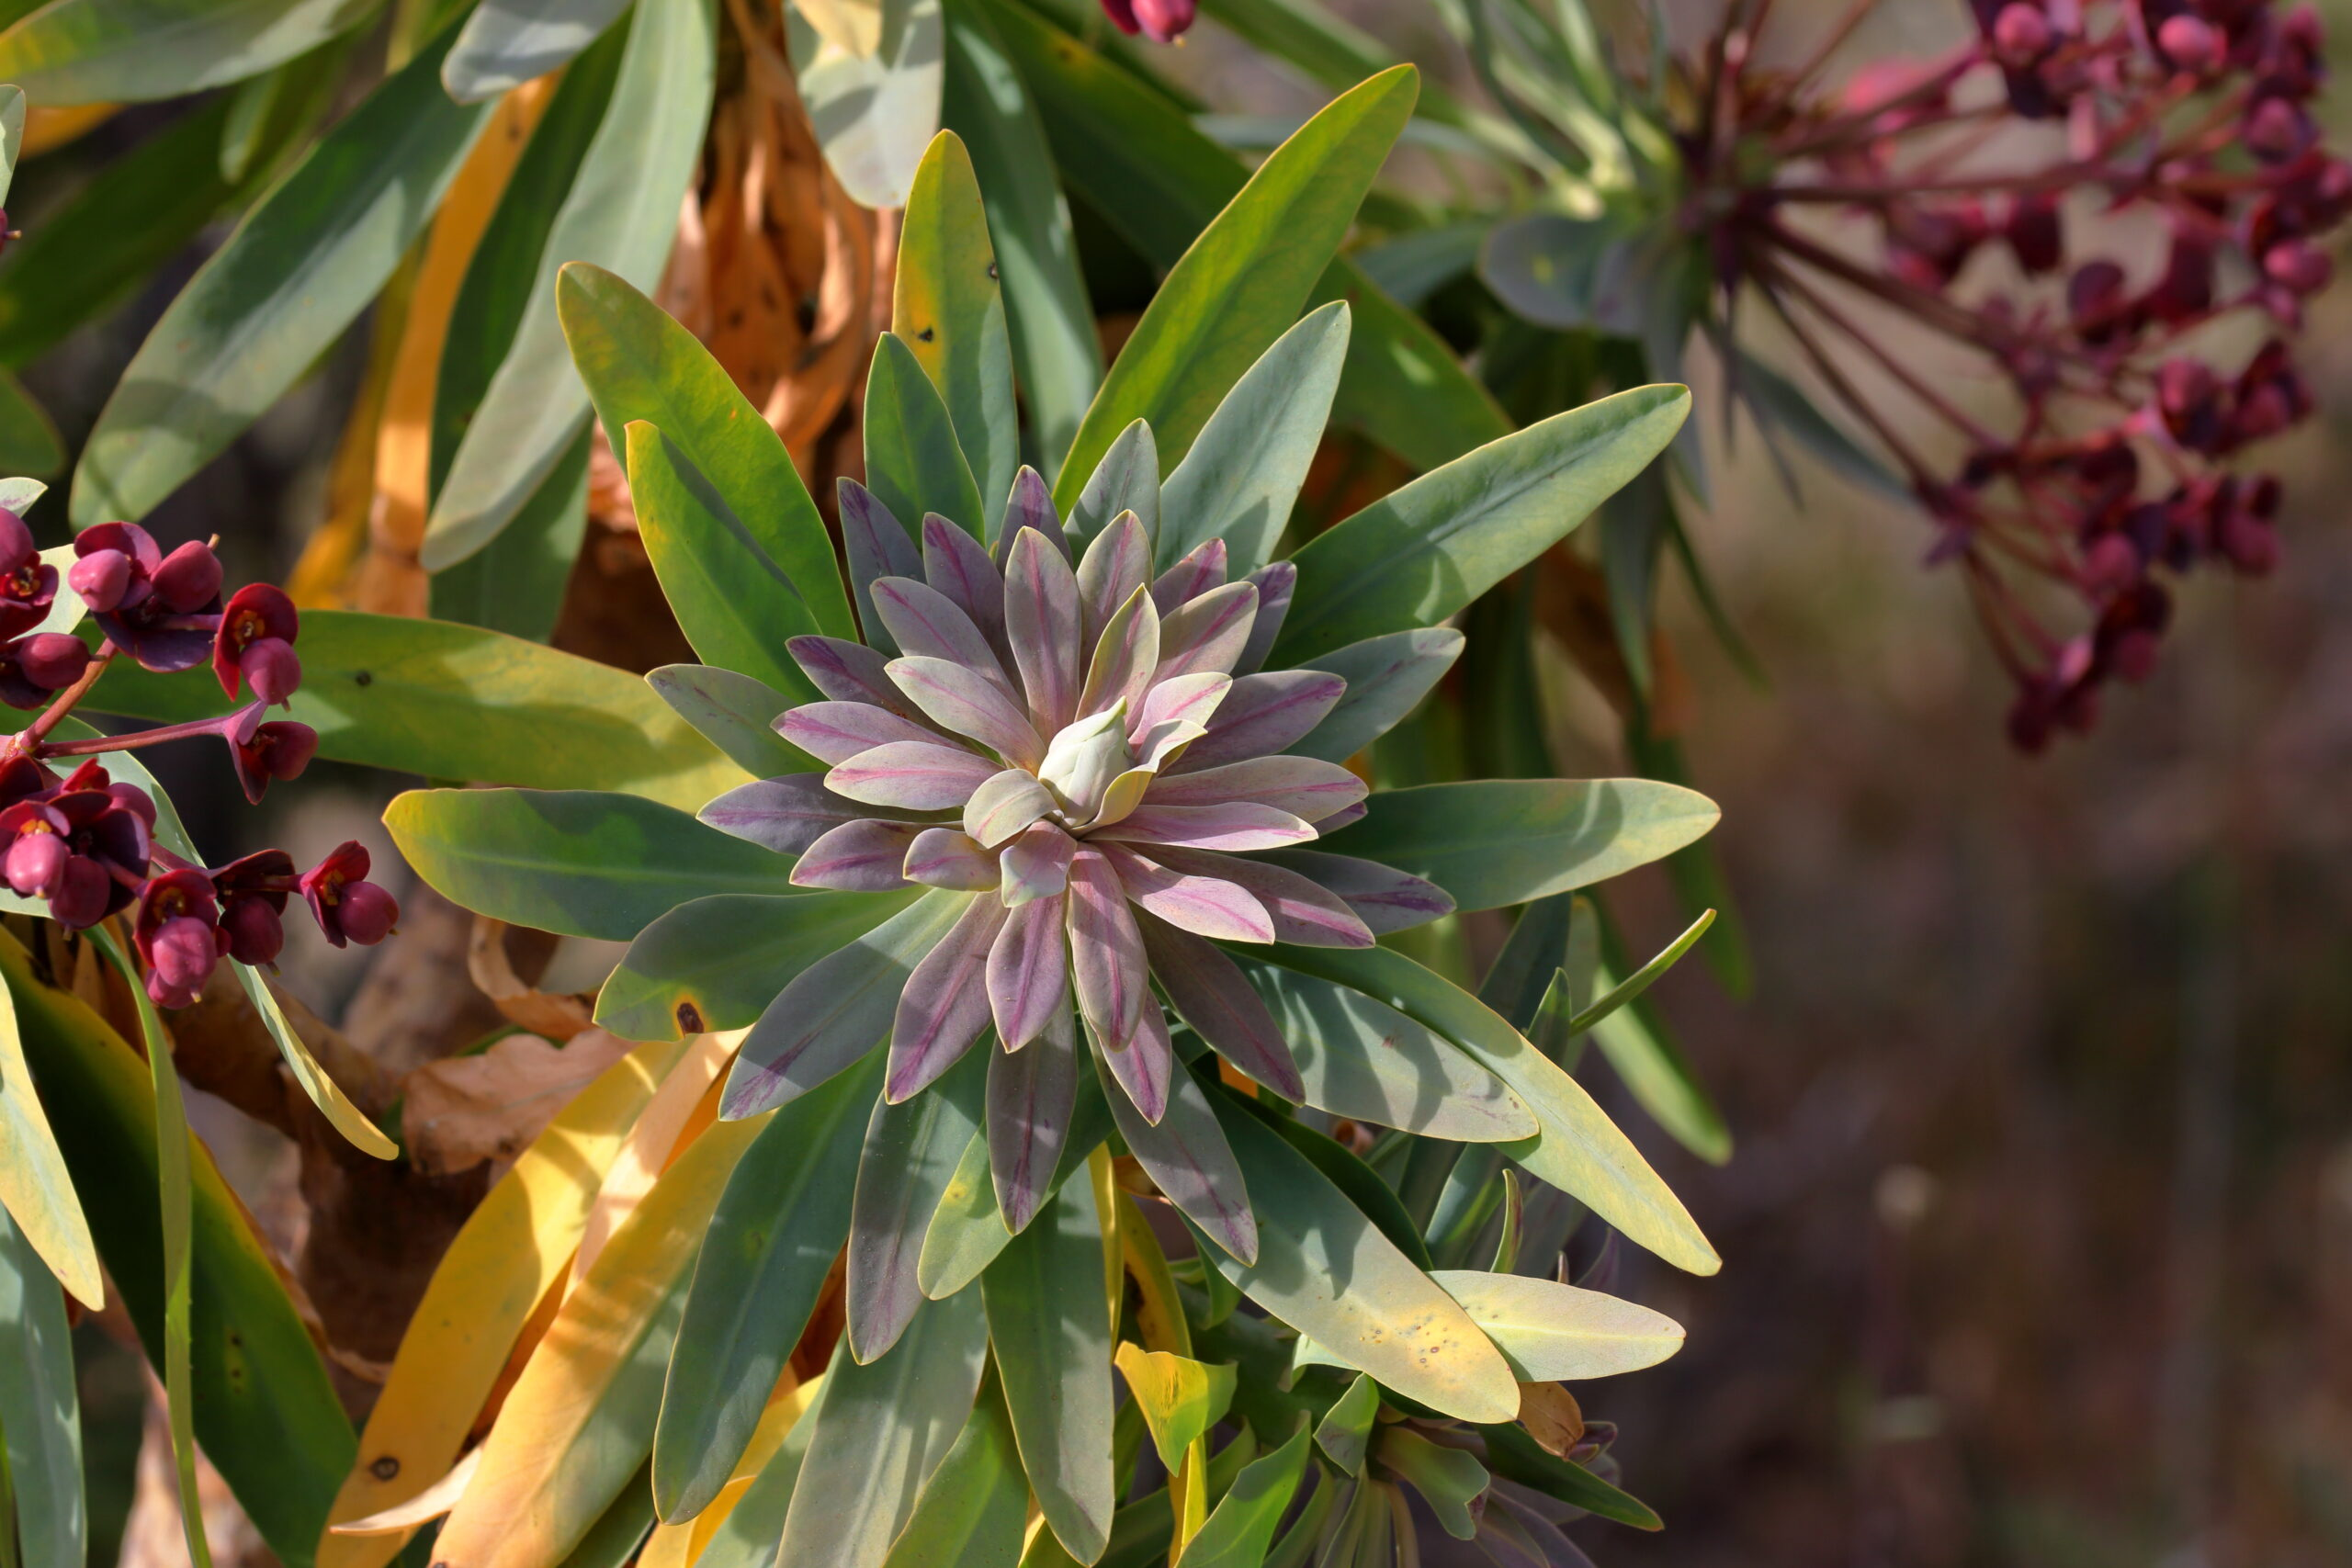 img_6213-hojas-arguayo-roseta-de-hojas-de-tabaiba-majorera-scaled.jpg